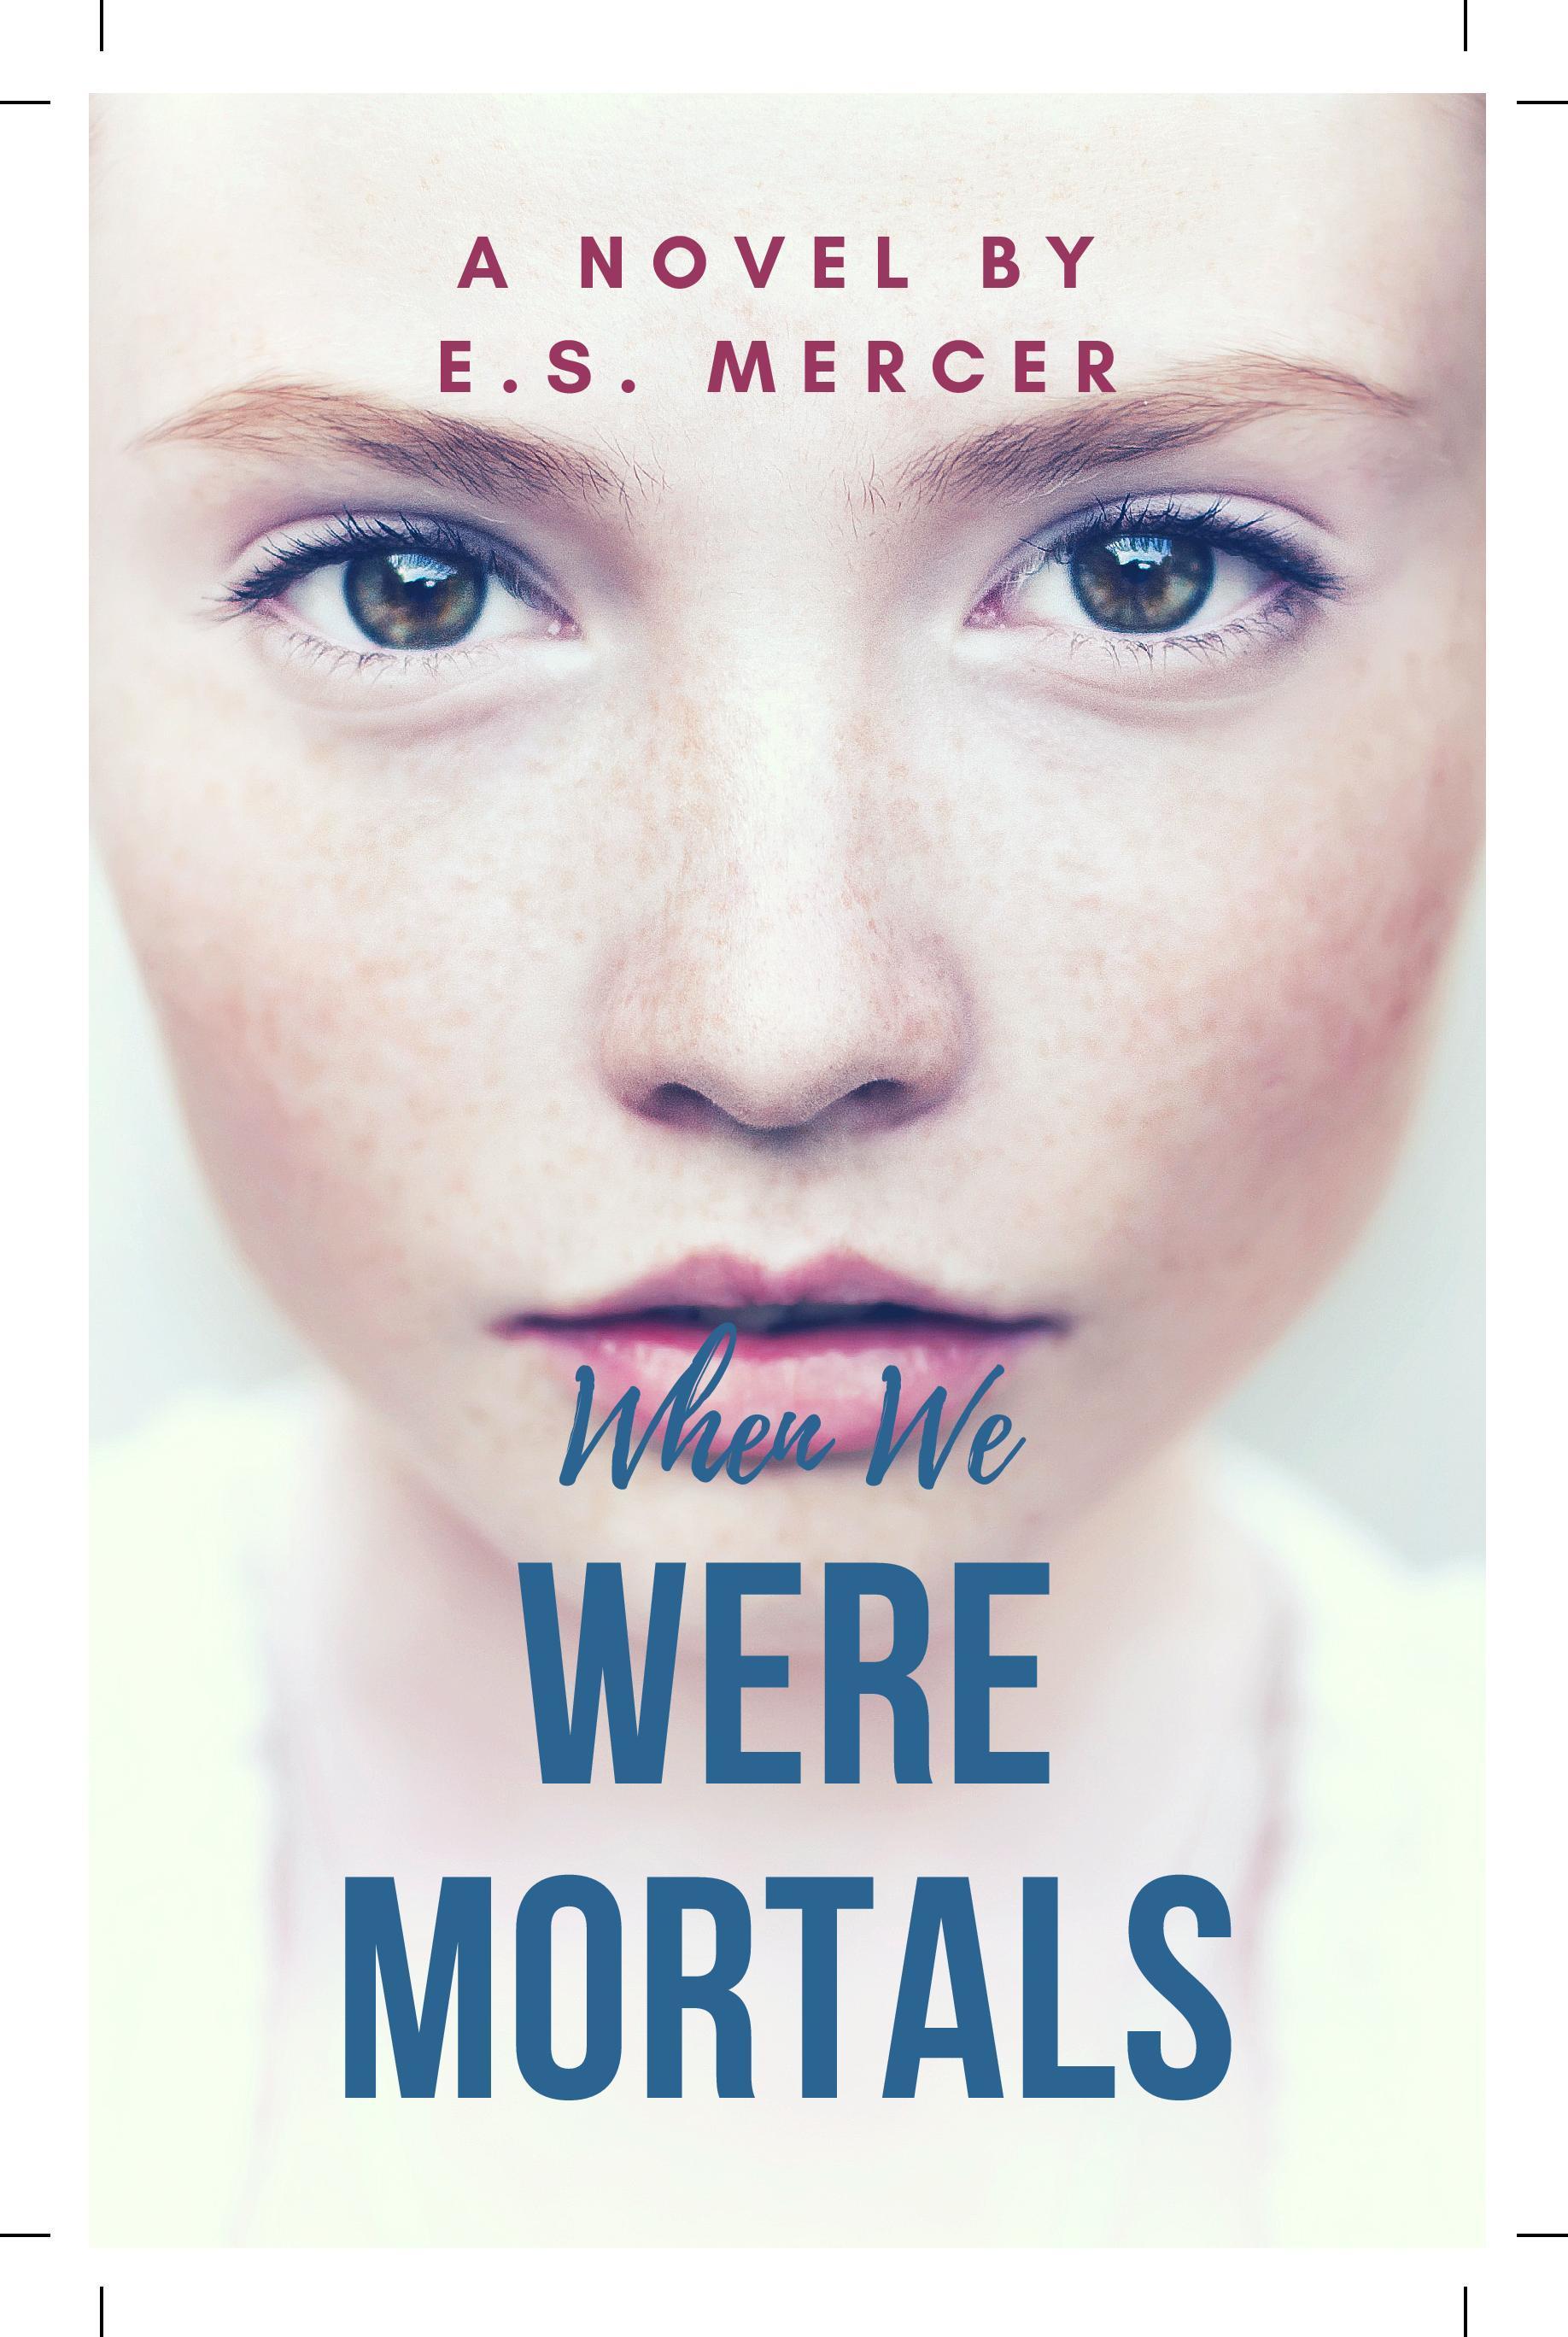 When We Were Mortals - E